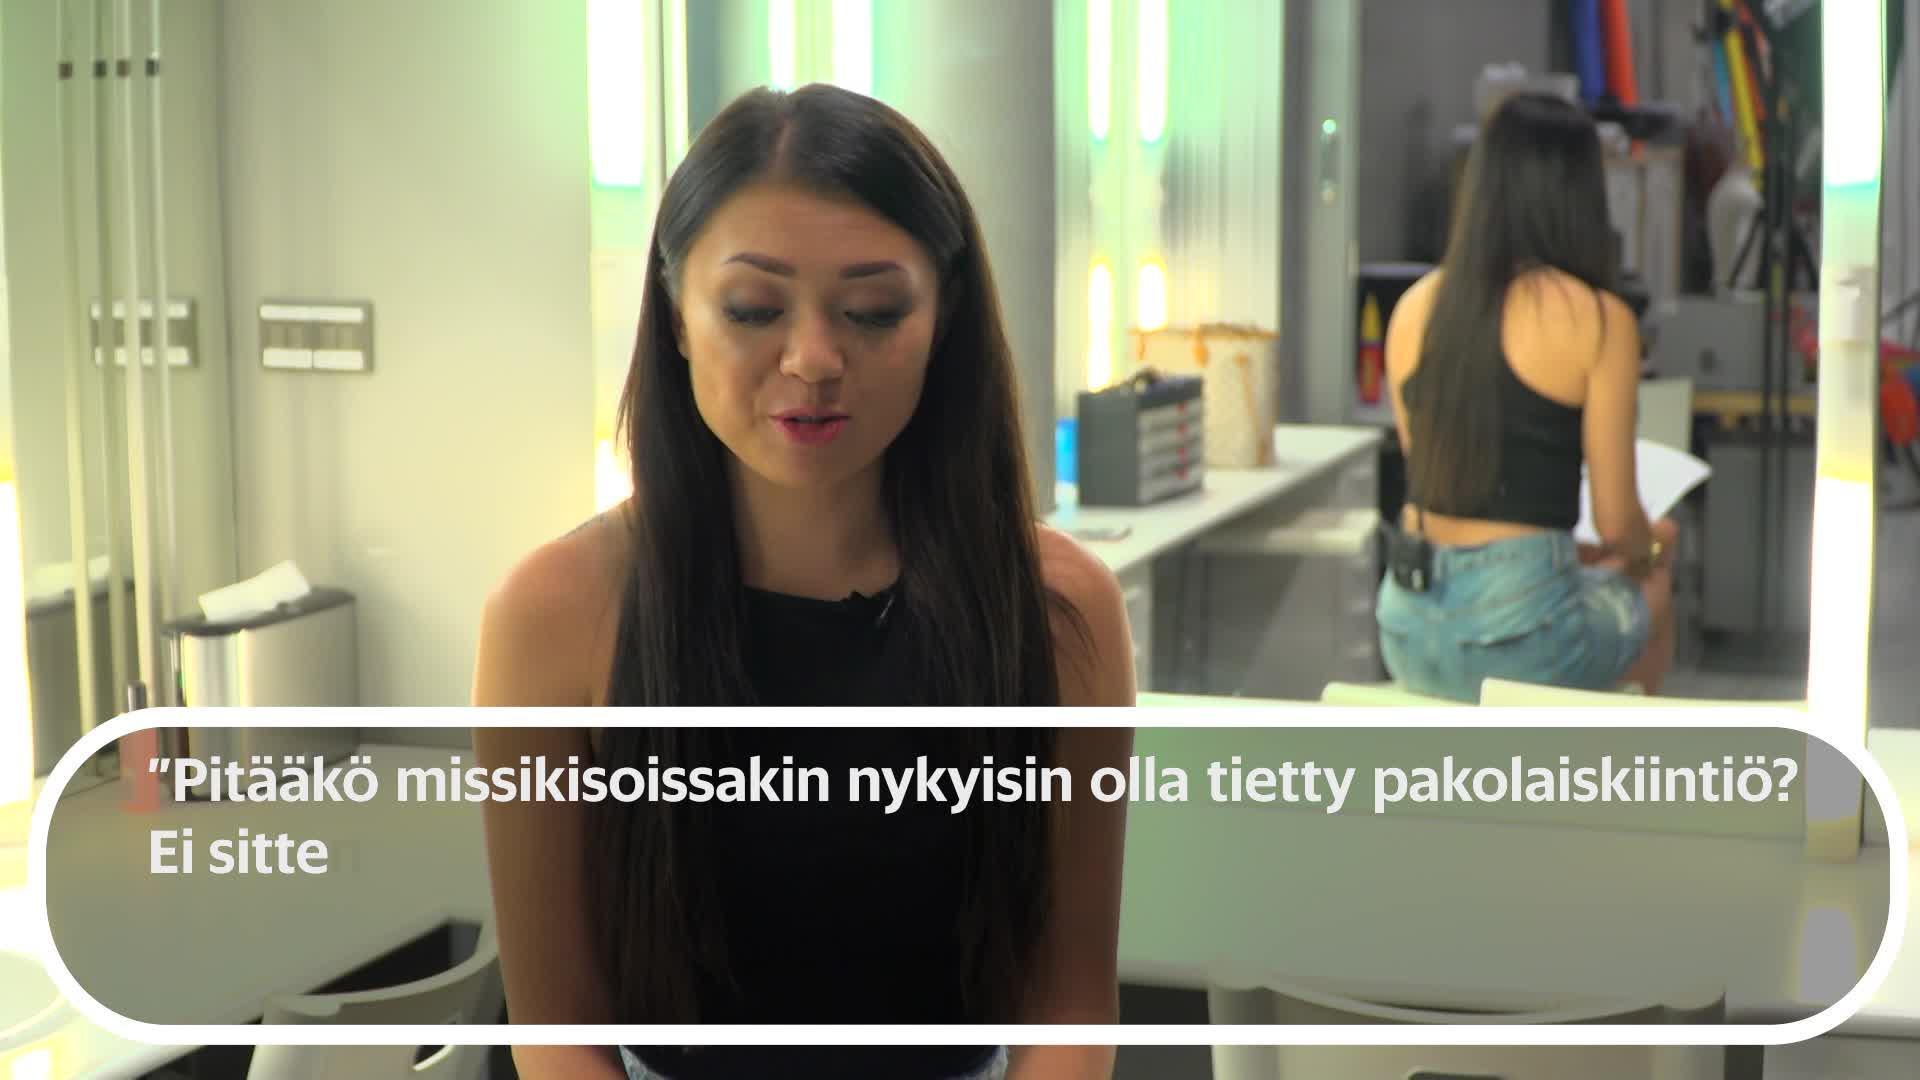 ruotsalaiset naiset etsii seksiseuraa ruotsi